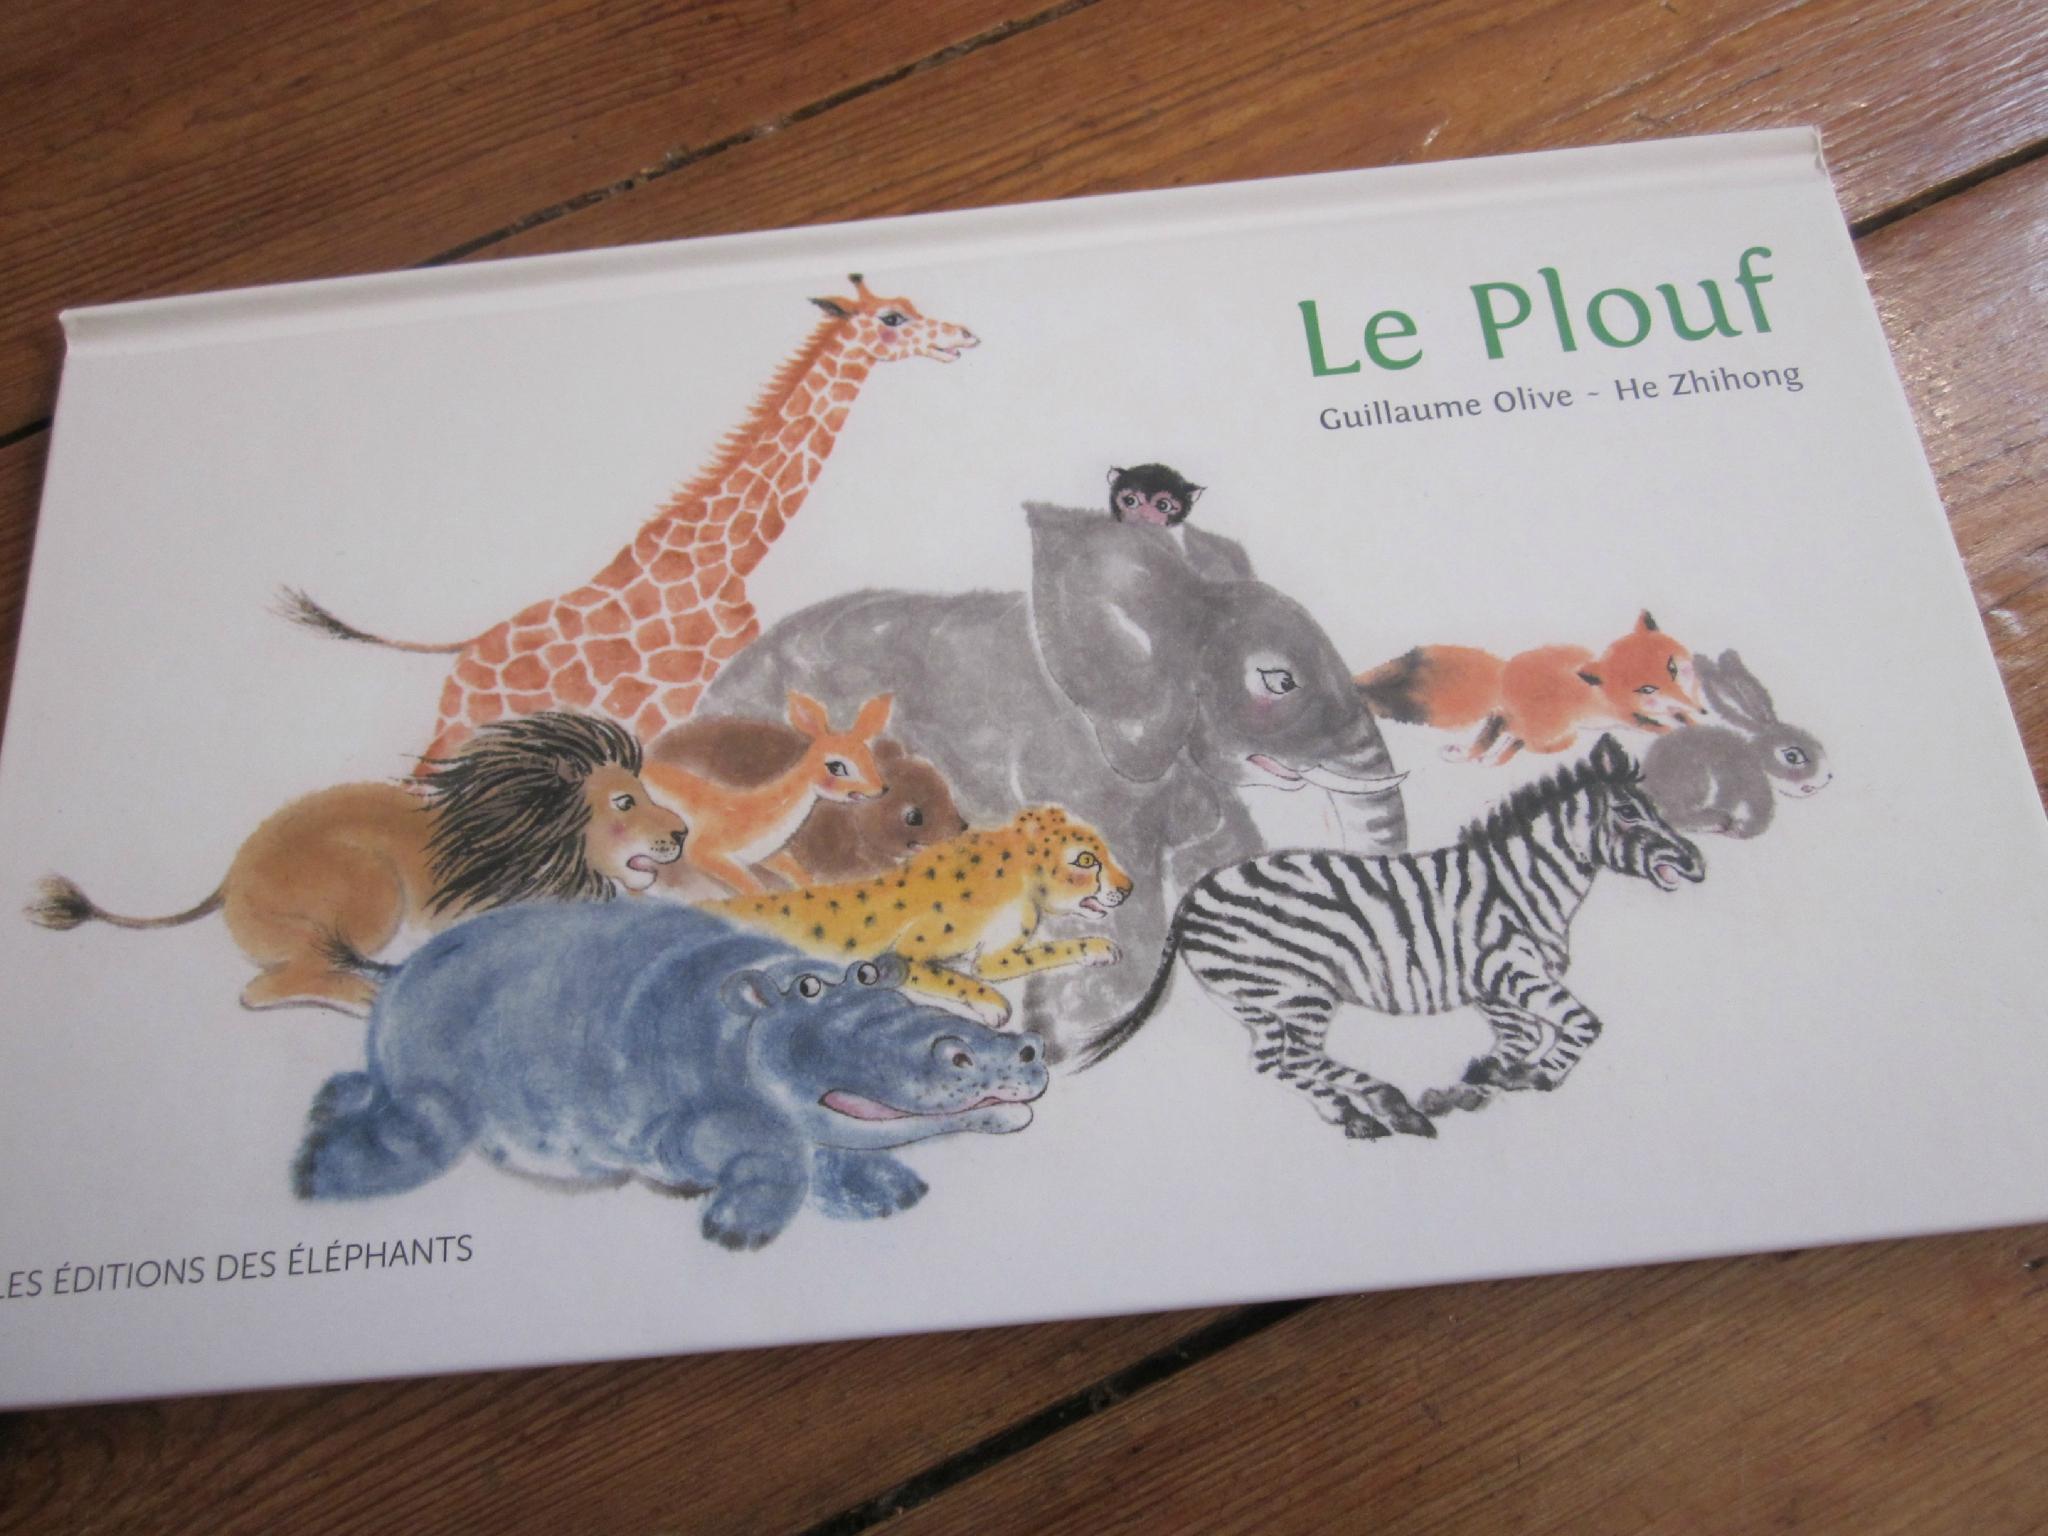 Le Plouf, De Guillaume Olive & He Zhihong - Les Mots Sont pour Album Plouf